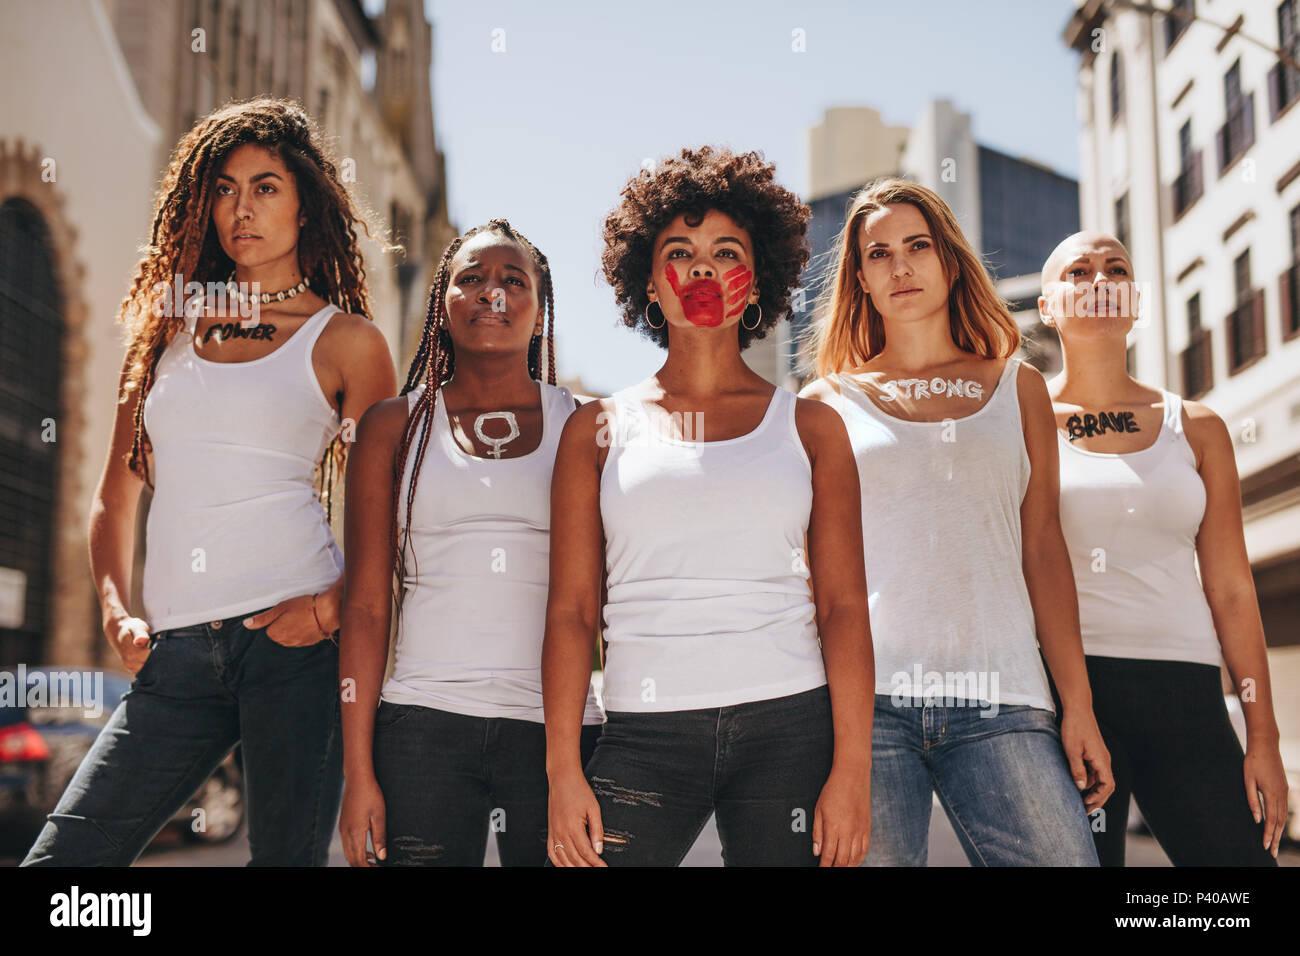 Gruppe von Frauen Demonstranten März auf der Straße für die Rolle der Frauen. Aktivistinnen in dress code demonstrieren im Freien. Stockbild